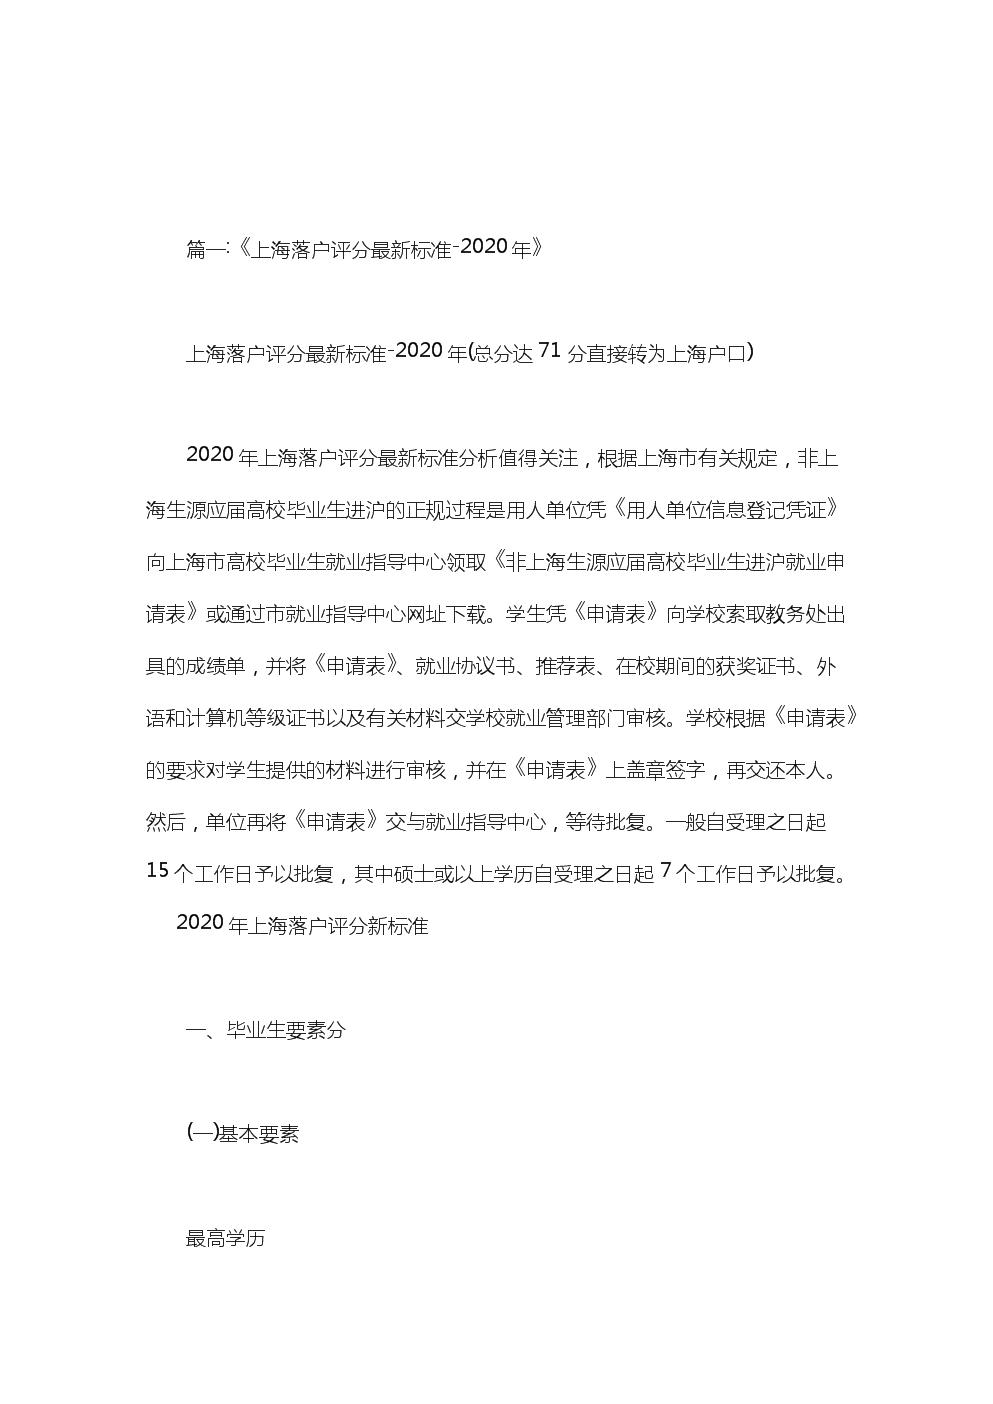 上海大学生落户政策.doc